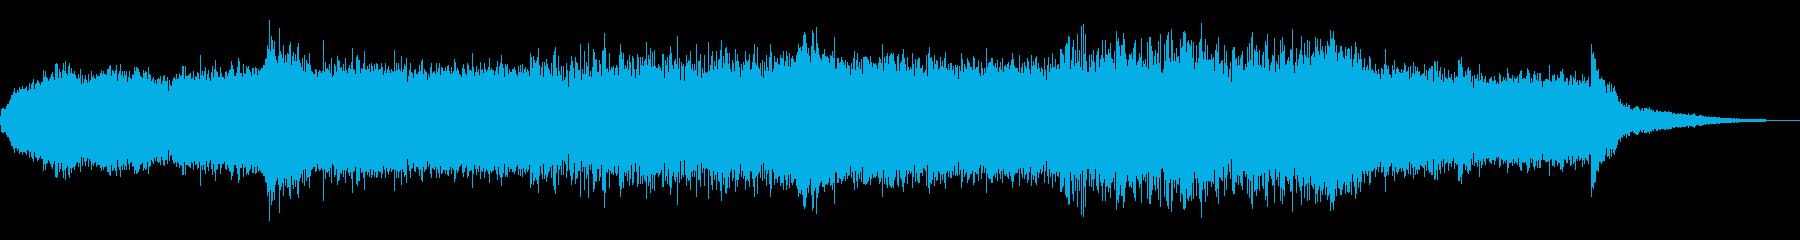 神秘的なアンビエントテクスチャの再生済みの波形